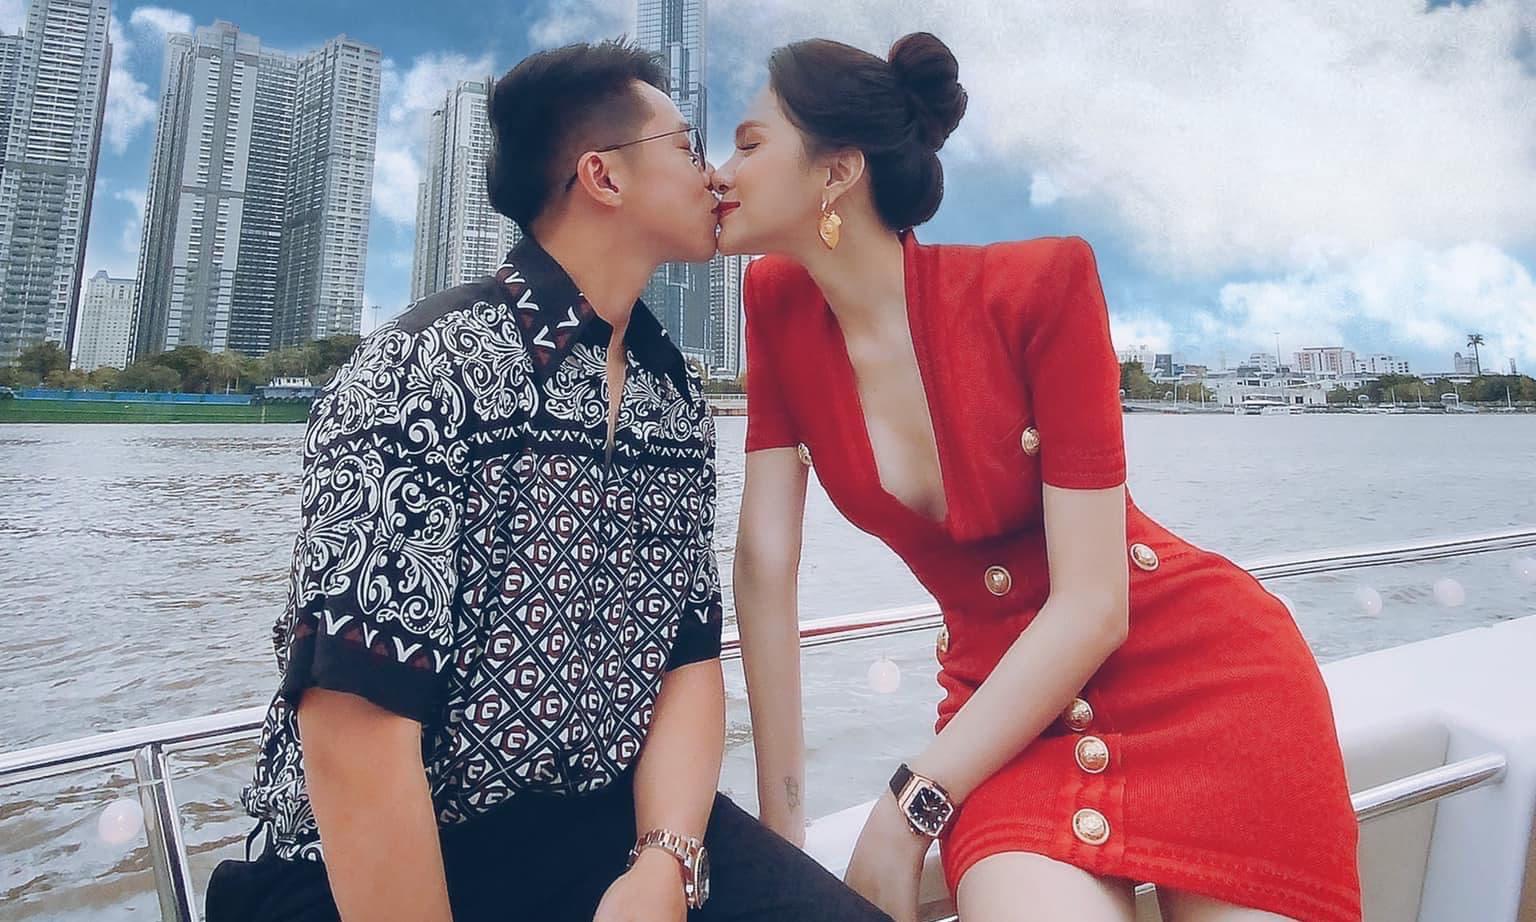 Hương Giang chiêu đãi hội bạn thân trên du thuyền, nhưng khoảnh khắc khoá môi Matt Liu mới là tâm điểm